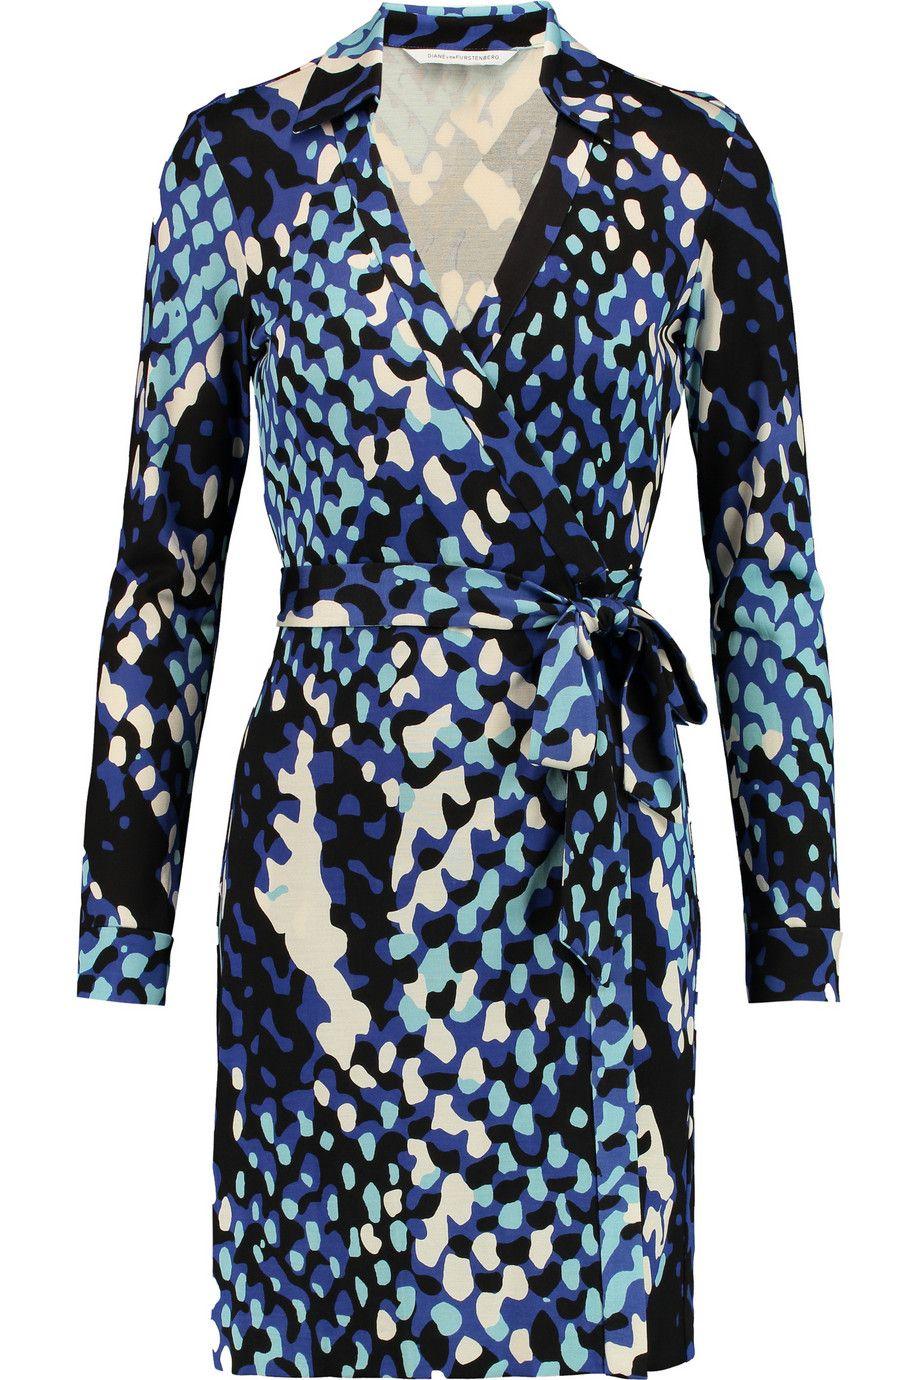 DIANE VON FURSTENBERG Jeanne Printed Silk-Jersey Wrap Mini Dress. #dianevonfurstenberg #cloth #dress